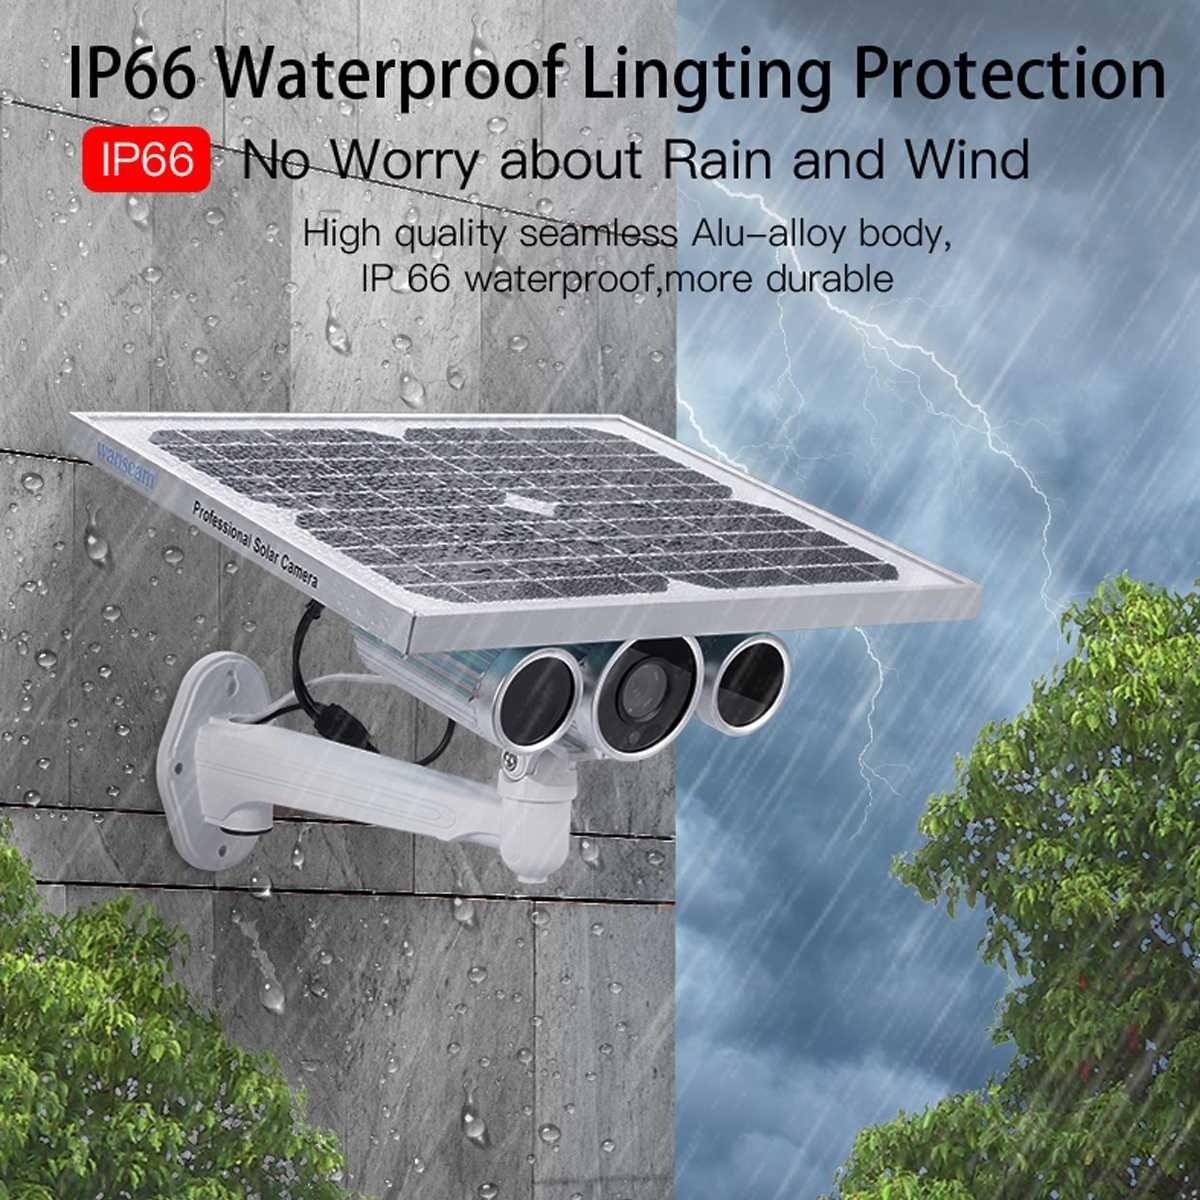 2019 Solar Power Wireless Video Überwachung Sicherheit IP Kamera WiFi 4G 1080 P Outdoor P2P Motion Erkennung CCTV Kamera